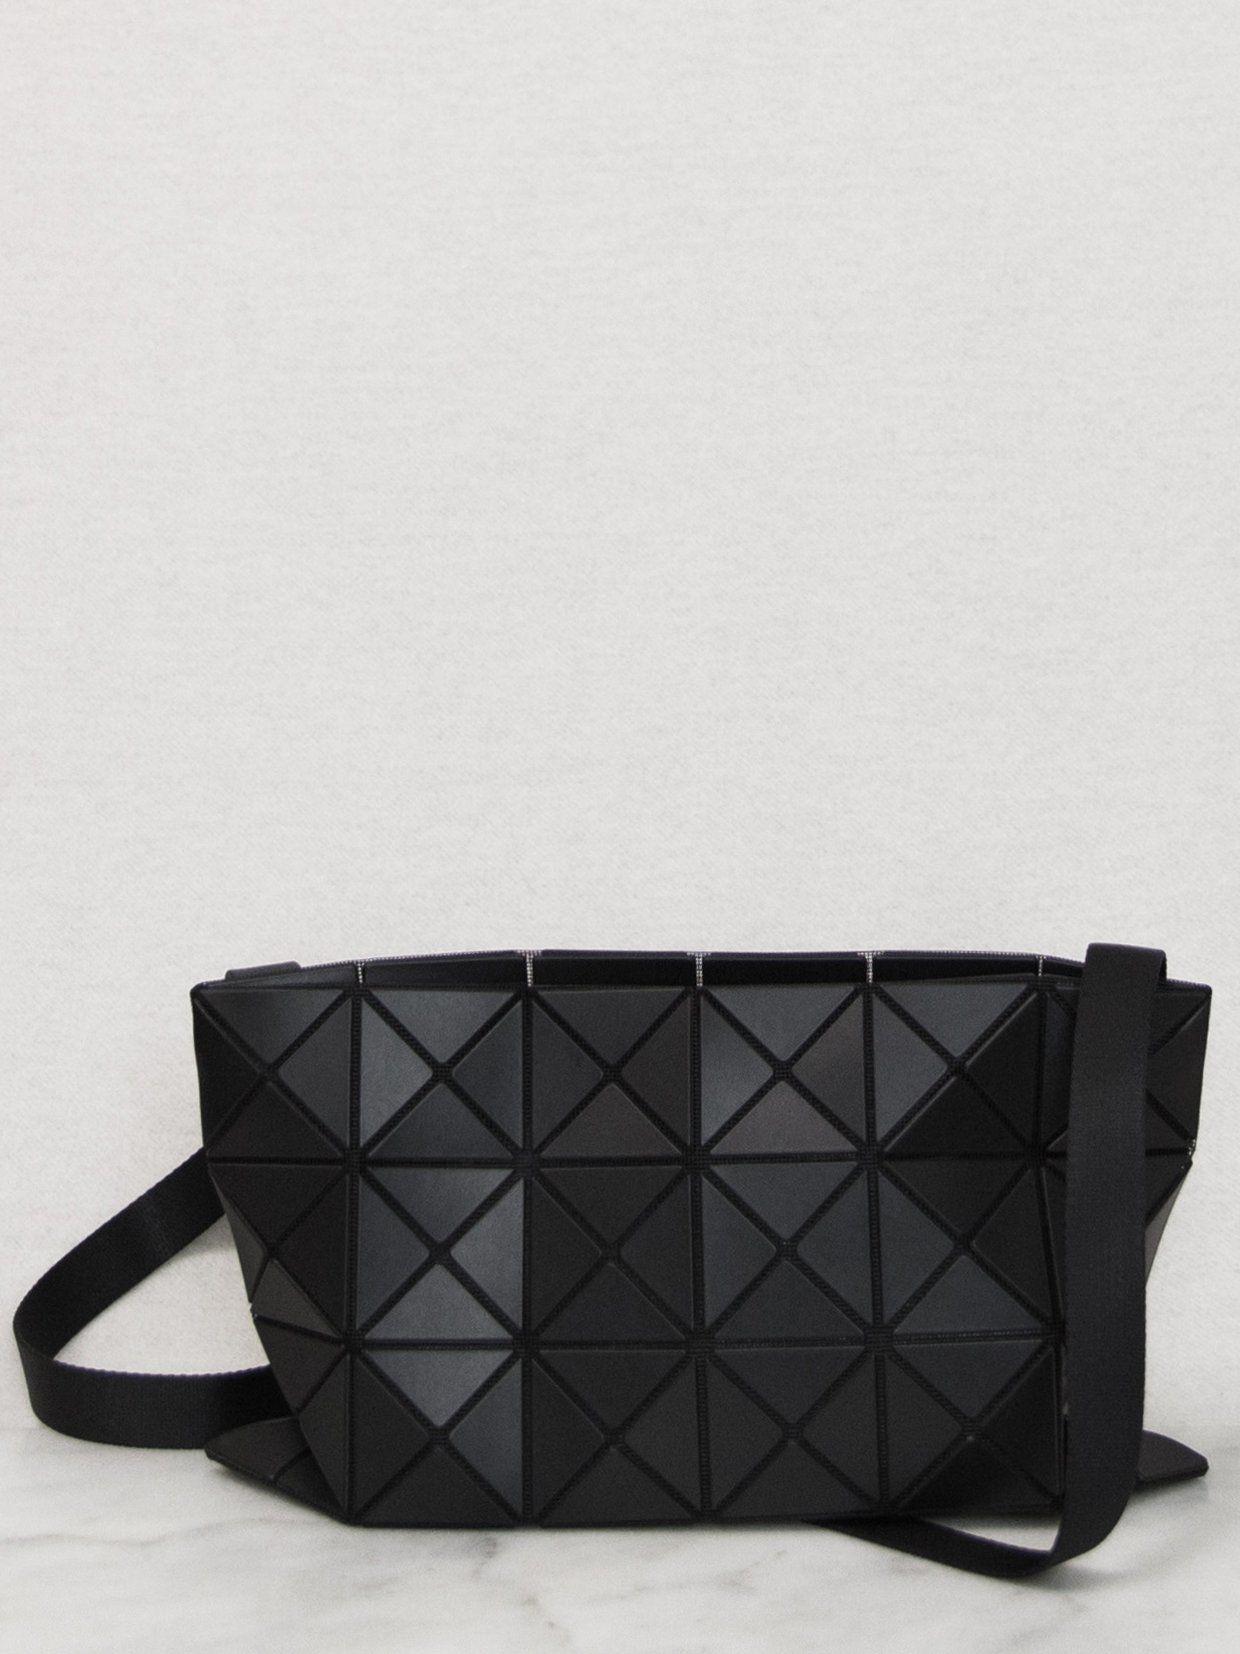 BAO BAO ISSEY MIYAKE Lucent Matte Crossbody Bag  8d1200a538537